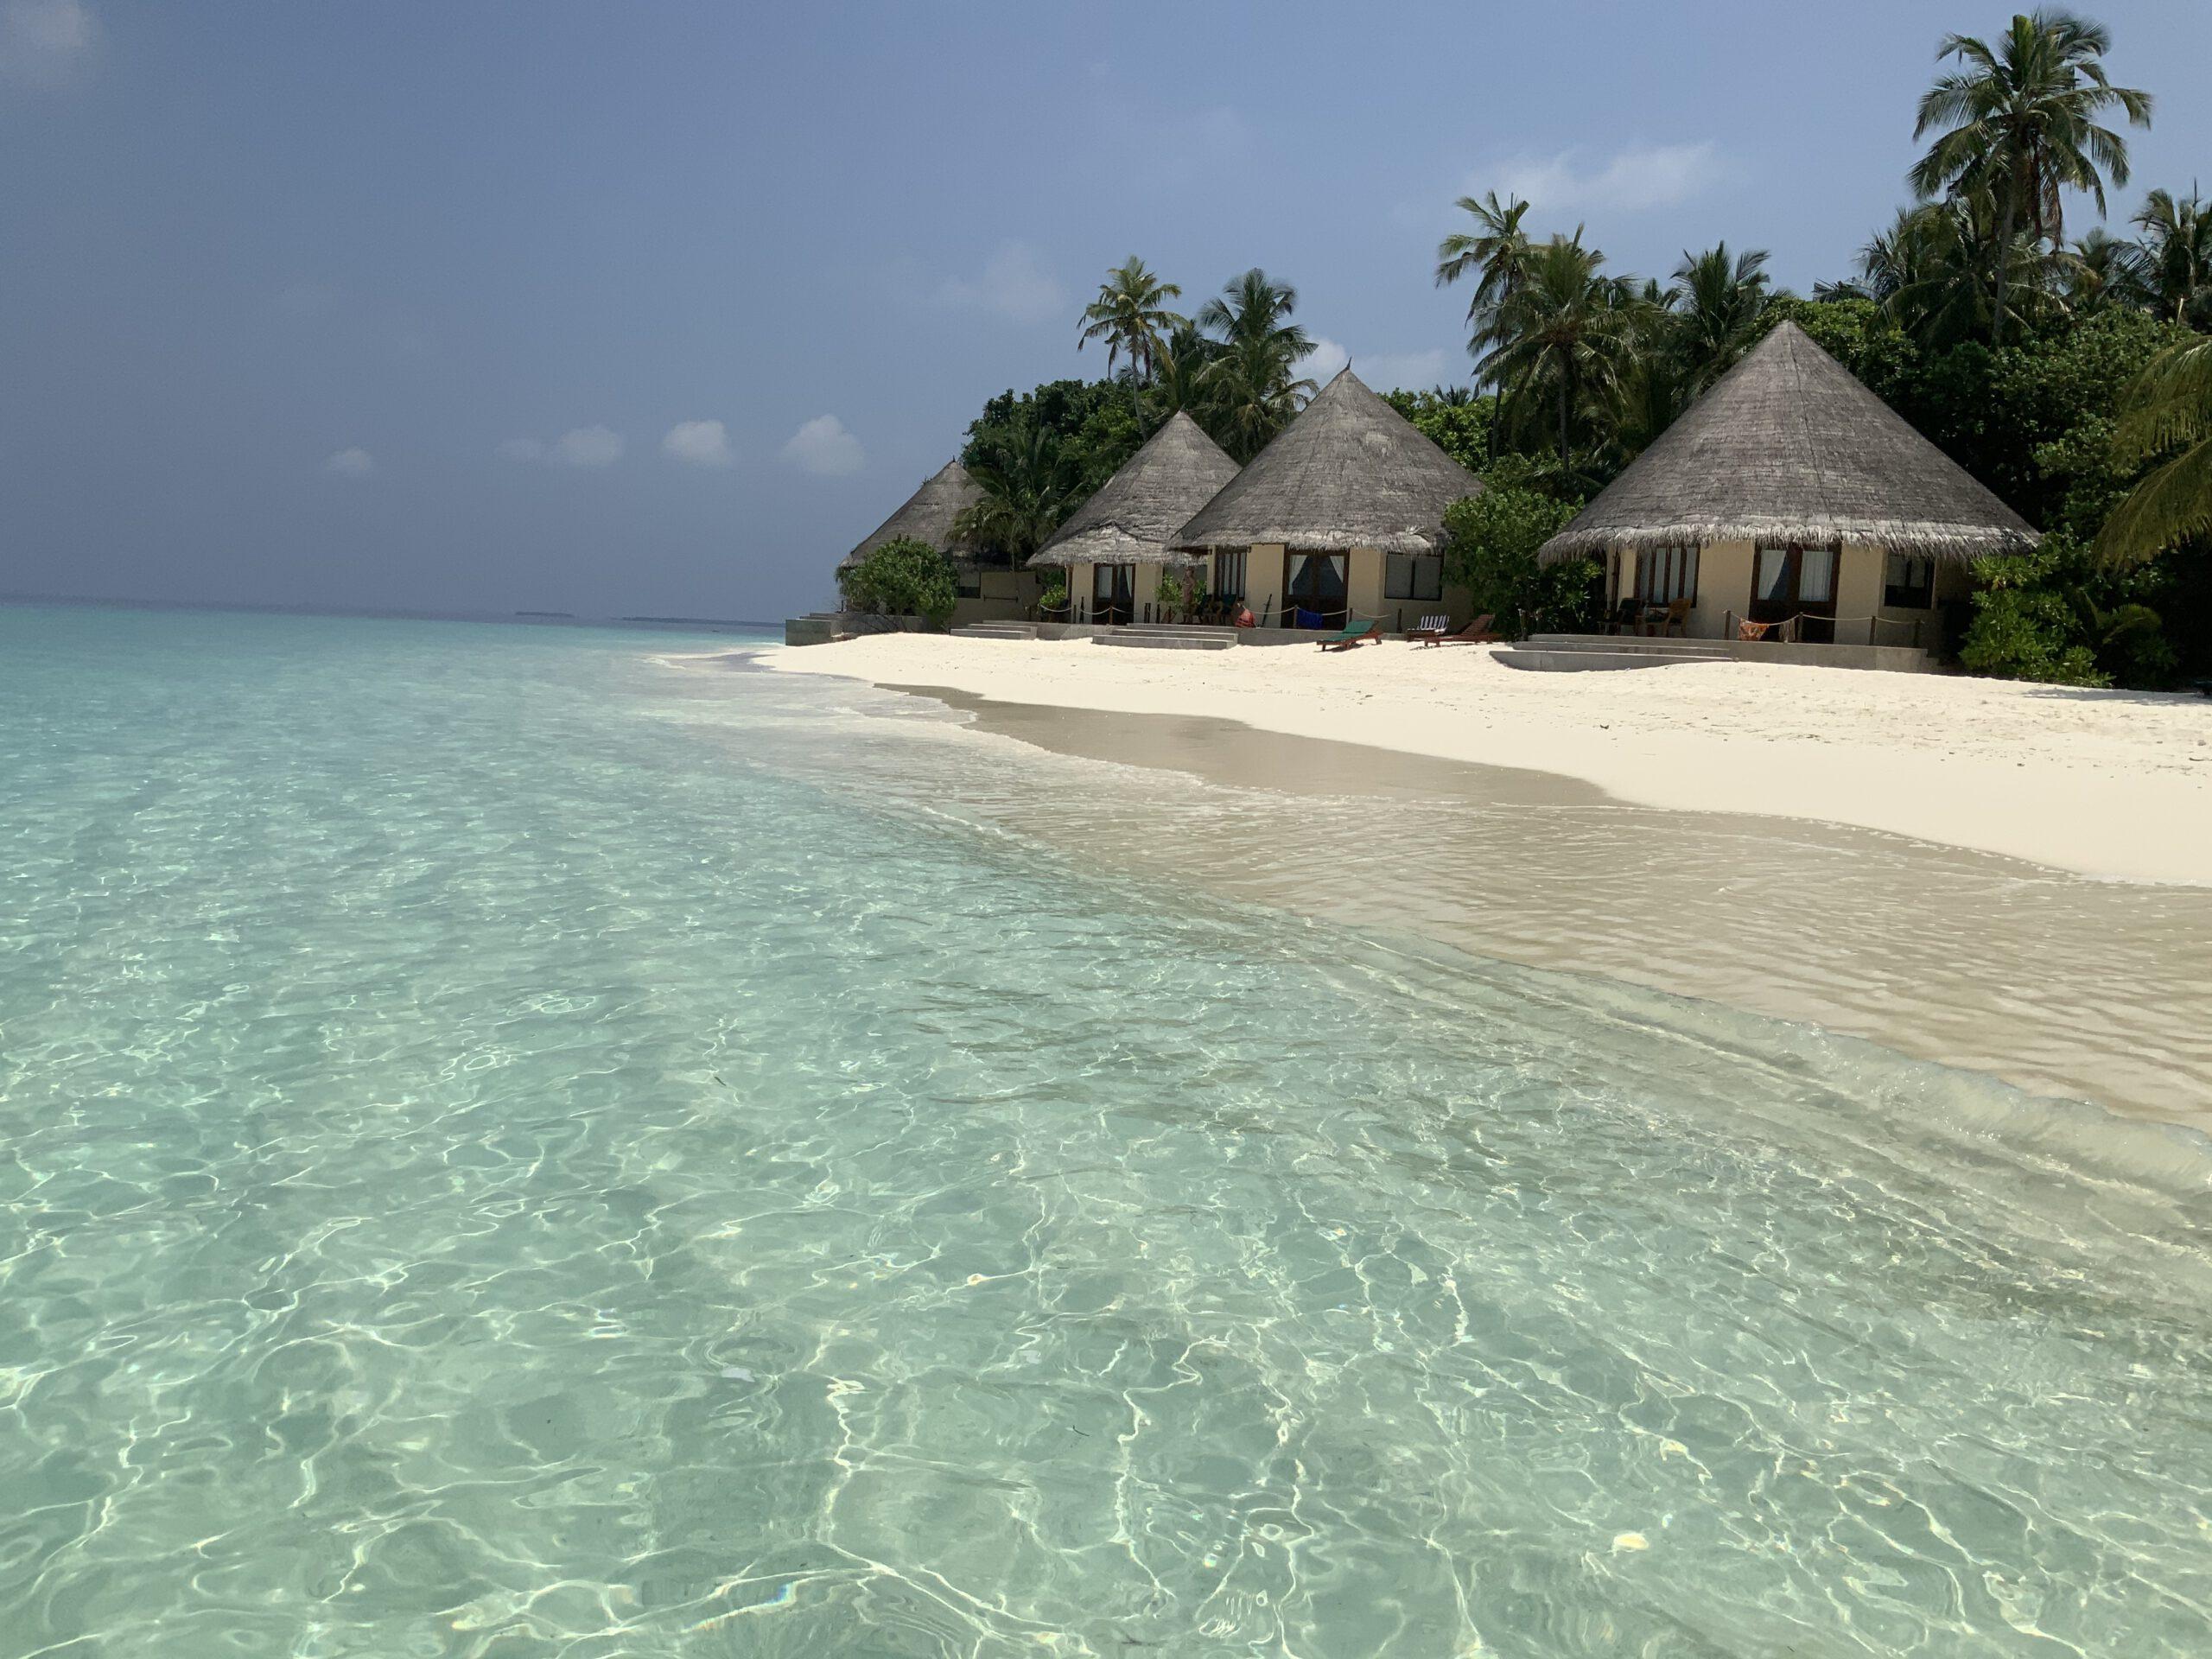 Glück, Gegenwärtigkeit, Malediven, Reisen, Erfahrungen, Unternehmer, Unternehmen, David Stammel